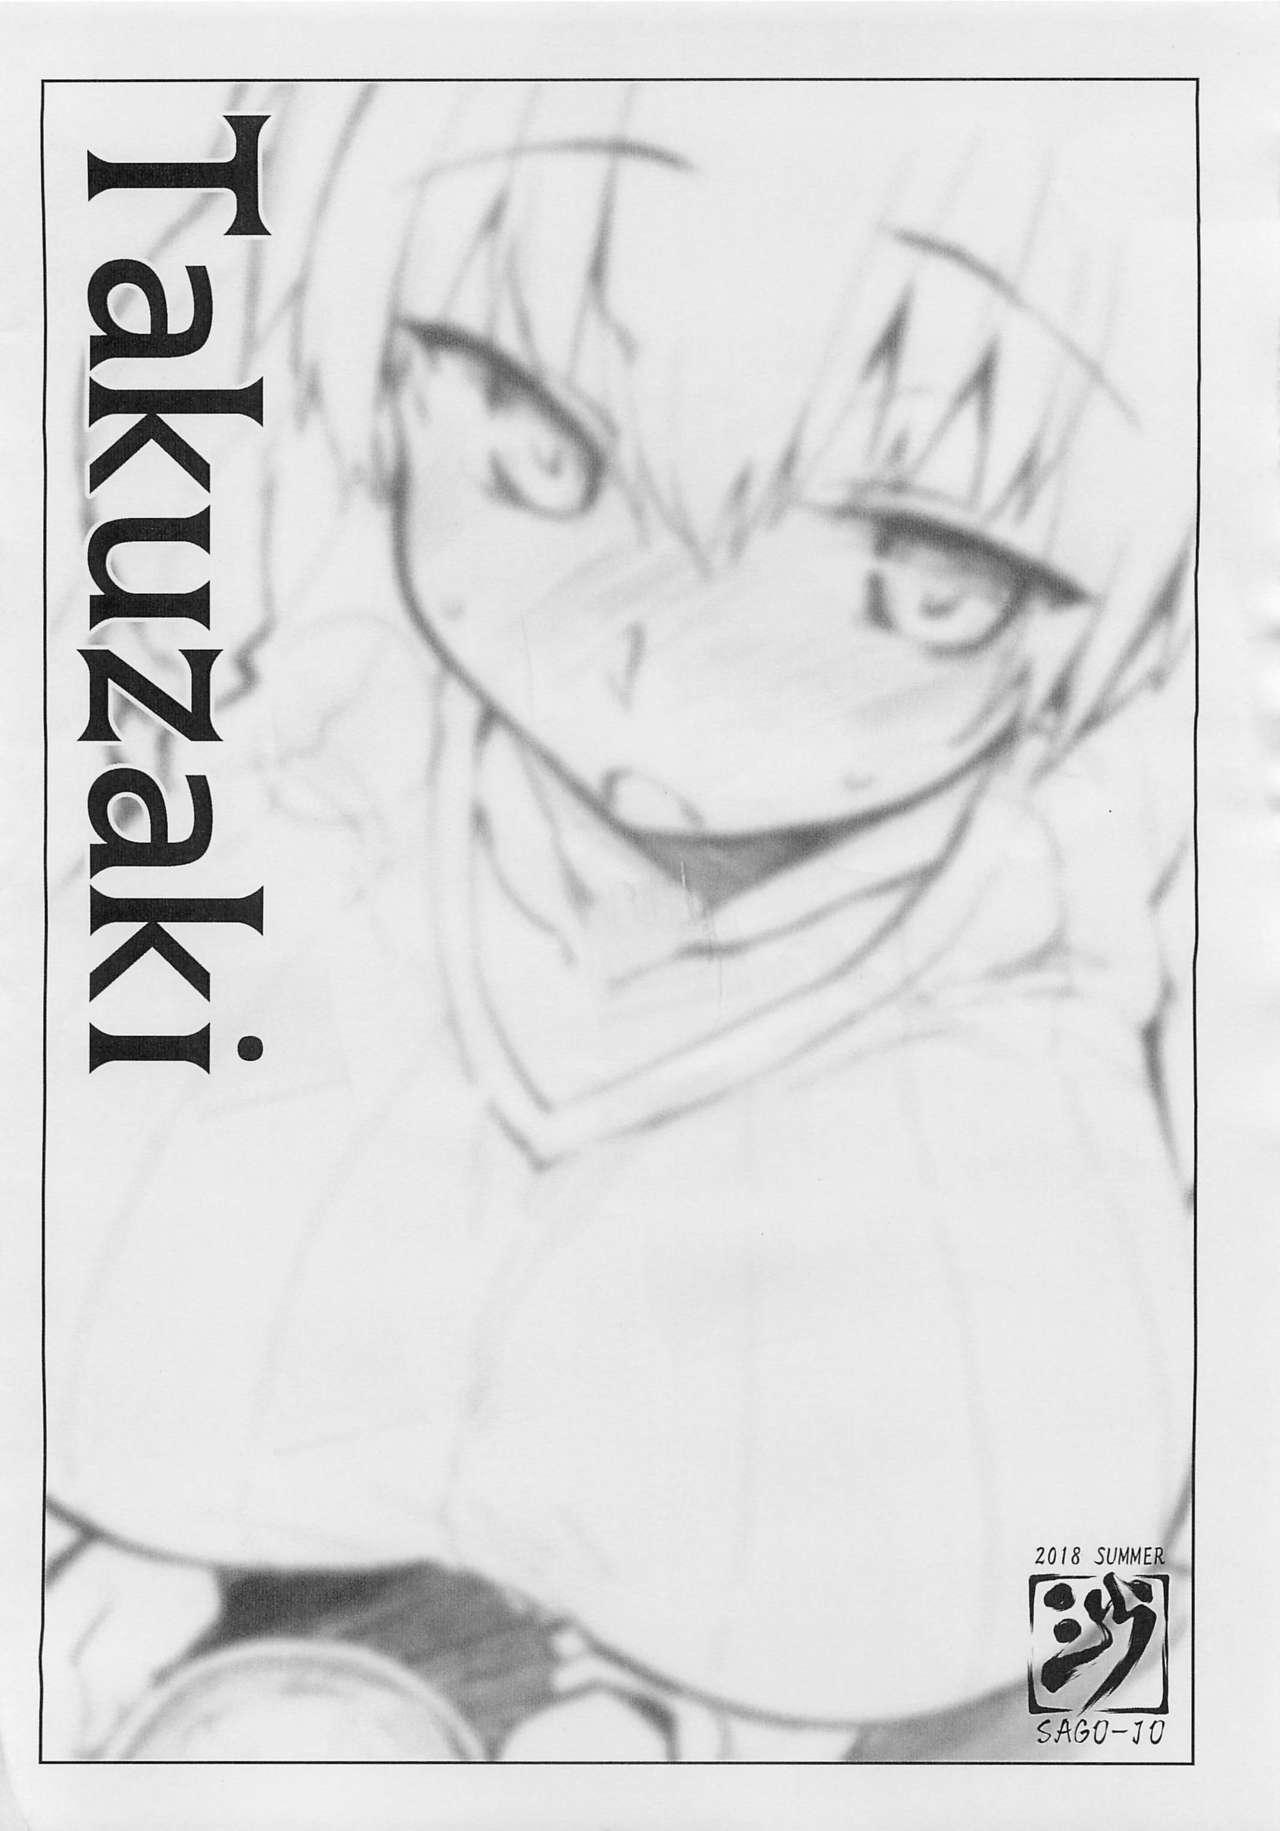 Takuzaki 9